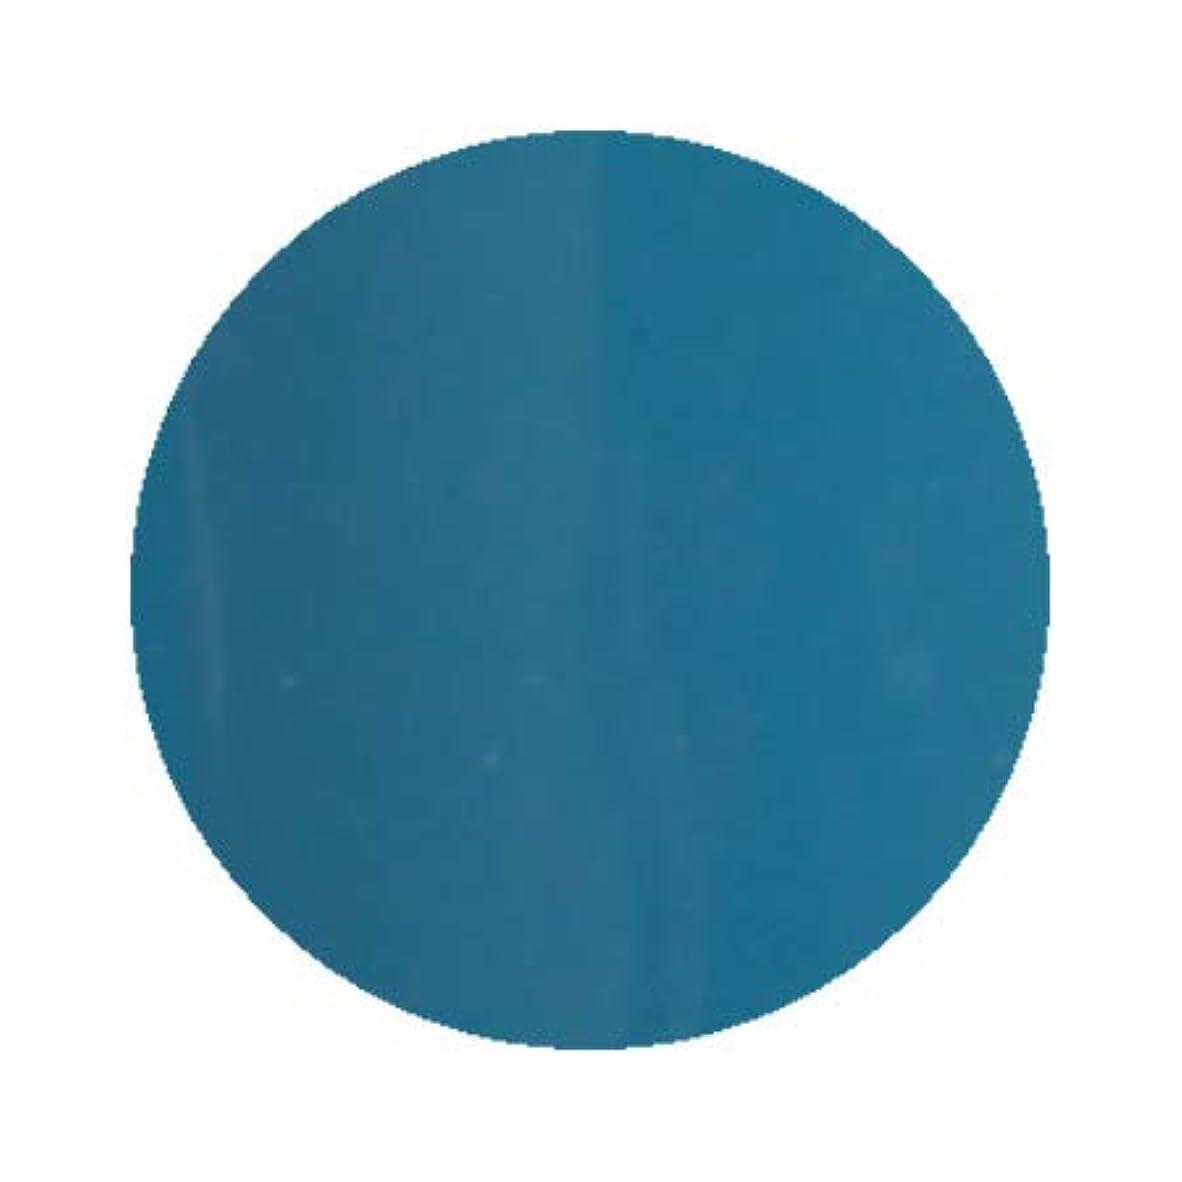 かすかな透けて見える蓄積するInity アイニティ ハイエンドカラー BL-05M ティールブルー 3g